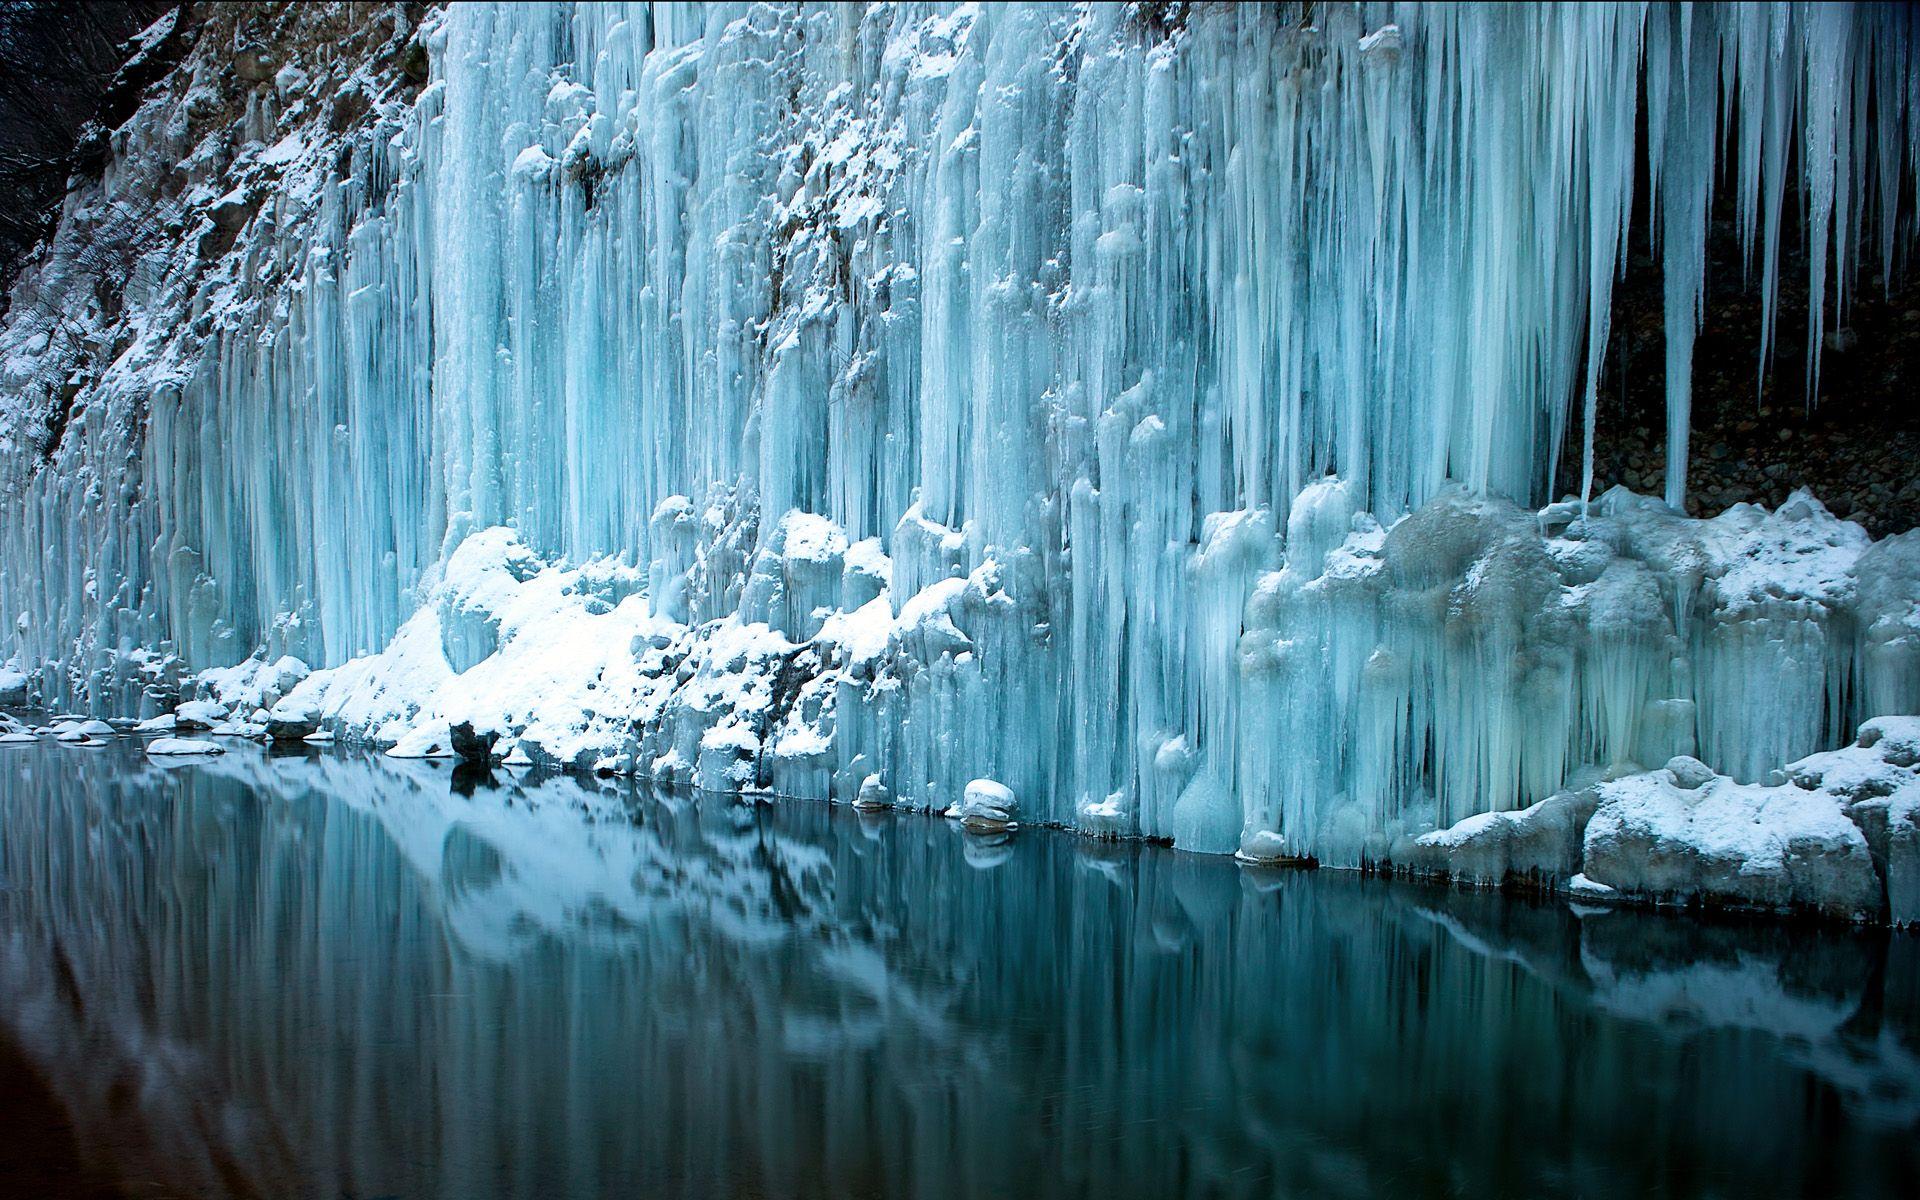 Frozen Waterfall wallpaper